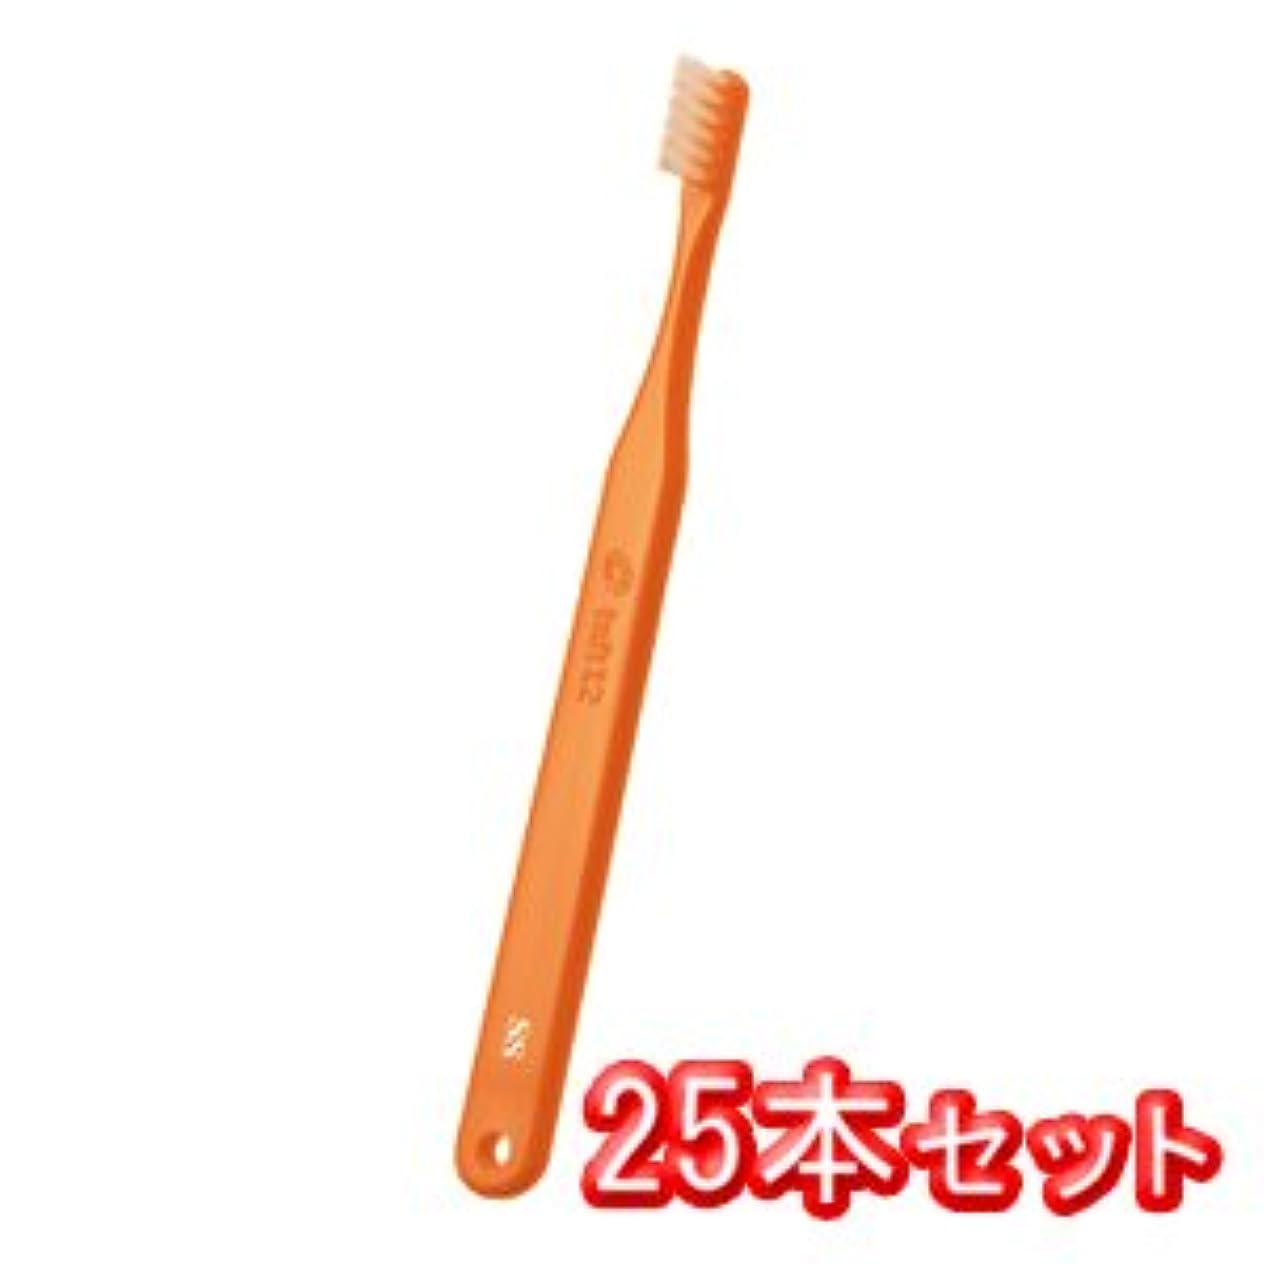 オーラルケア タフト12 歯ブラシ 25本入 スーパーソフト SS オレンジ